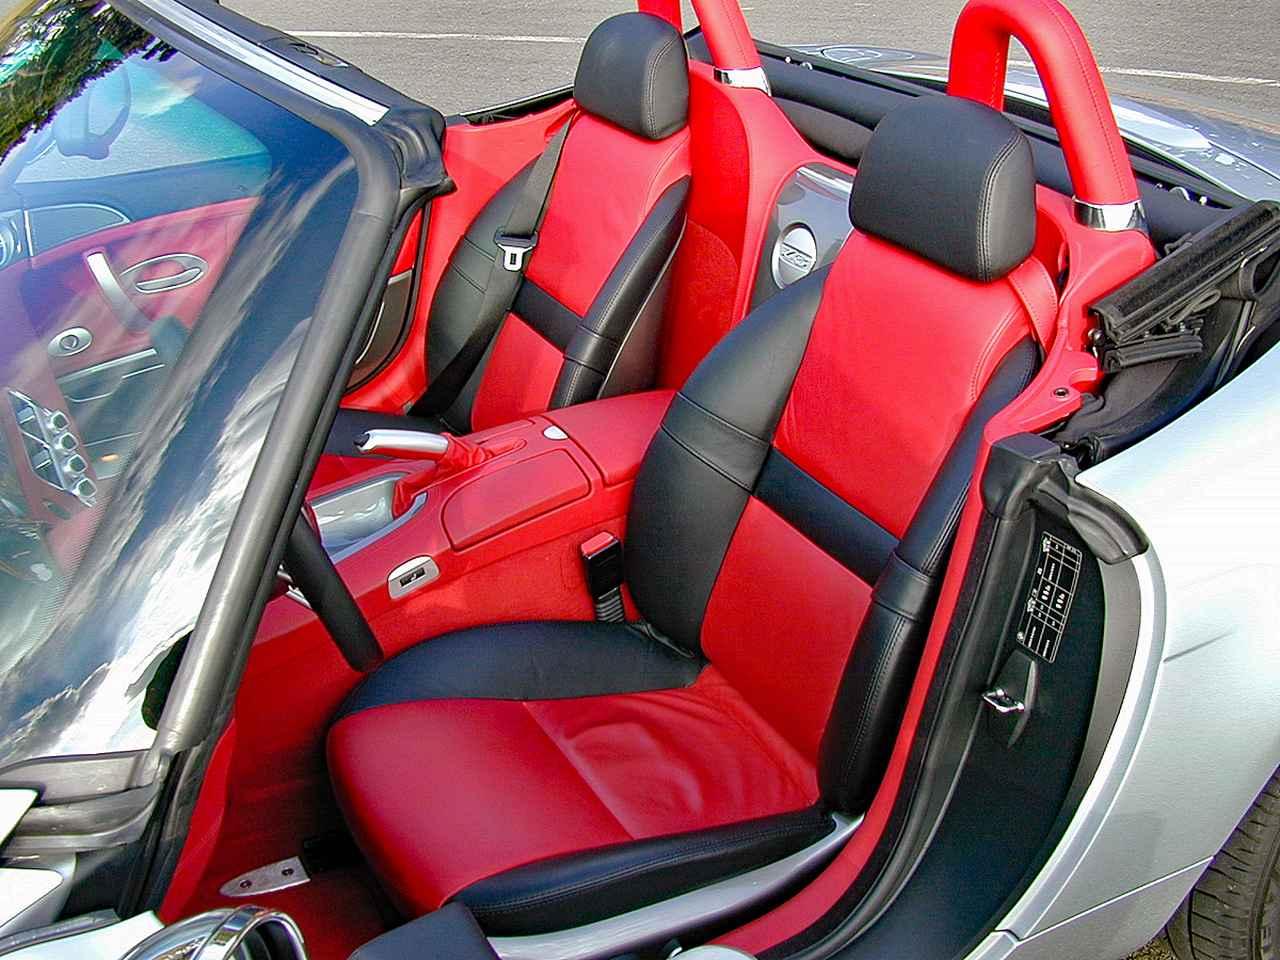 Images : 6番目の画像 - BMW 2001モデル - Webモーターマガジン